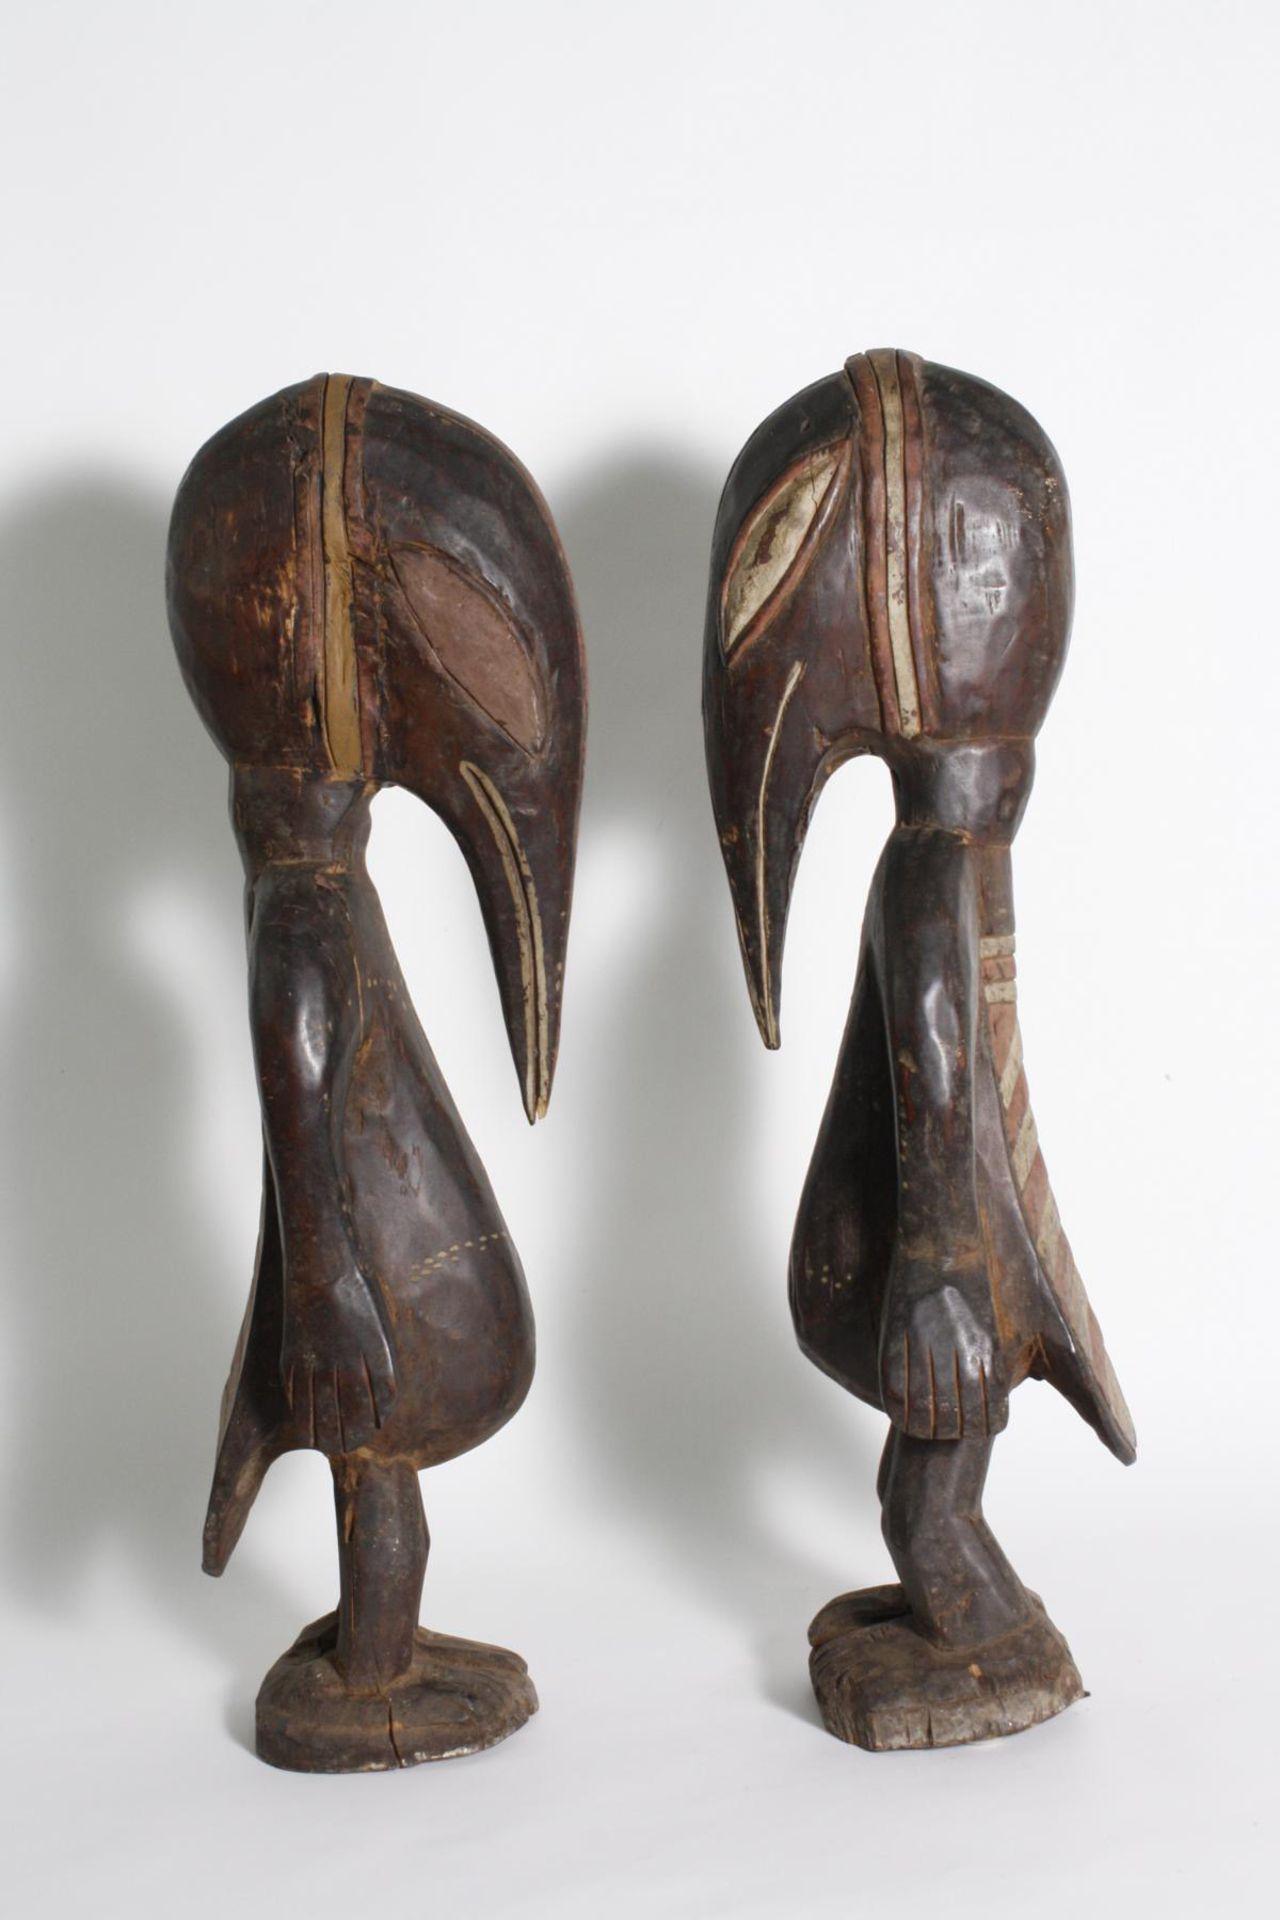 Figurenpaar, Calao , Senufo, Elfenbeinküste, 1. Hälfte 20. Jh. - Bild 5 aus 5